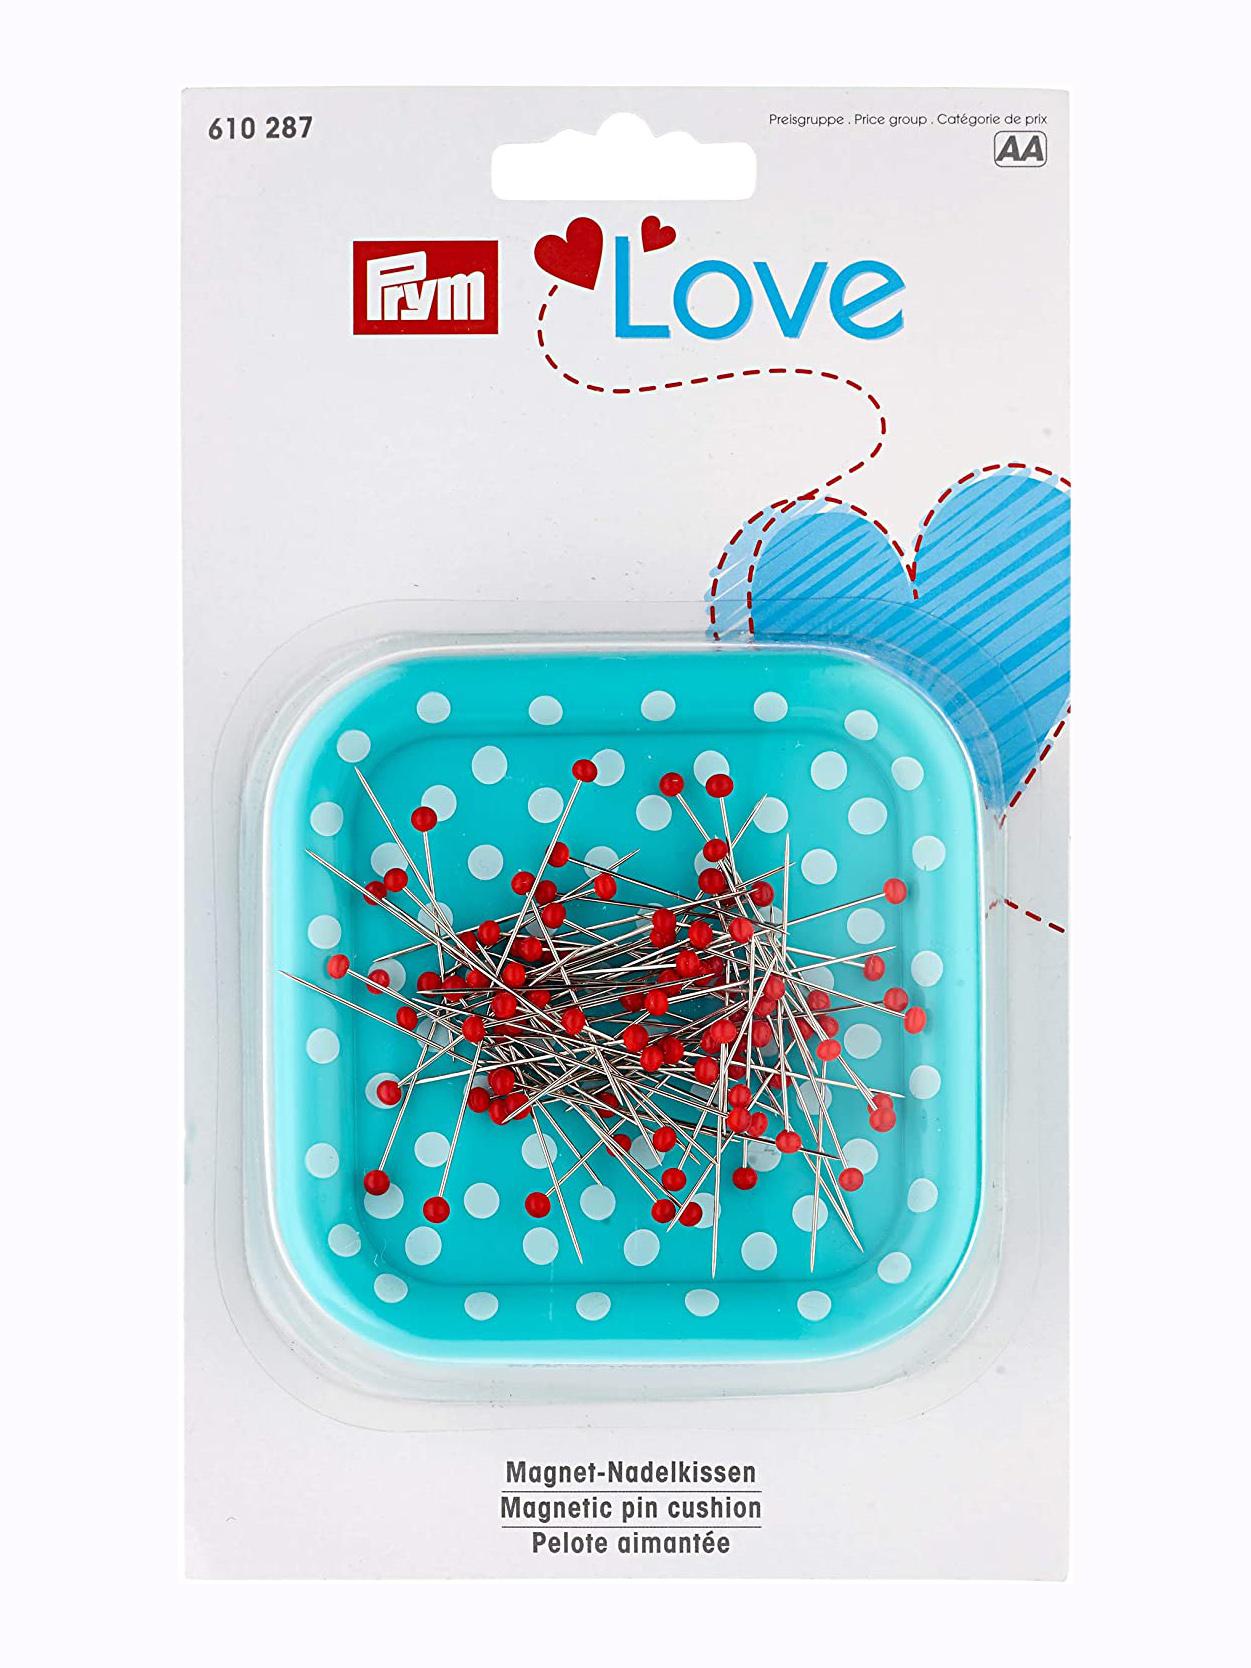 Prym Love Magnetnadelkissen m. Glaskopfstecknadeln